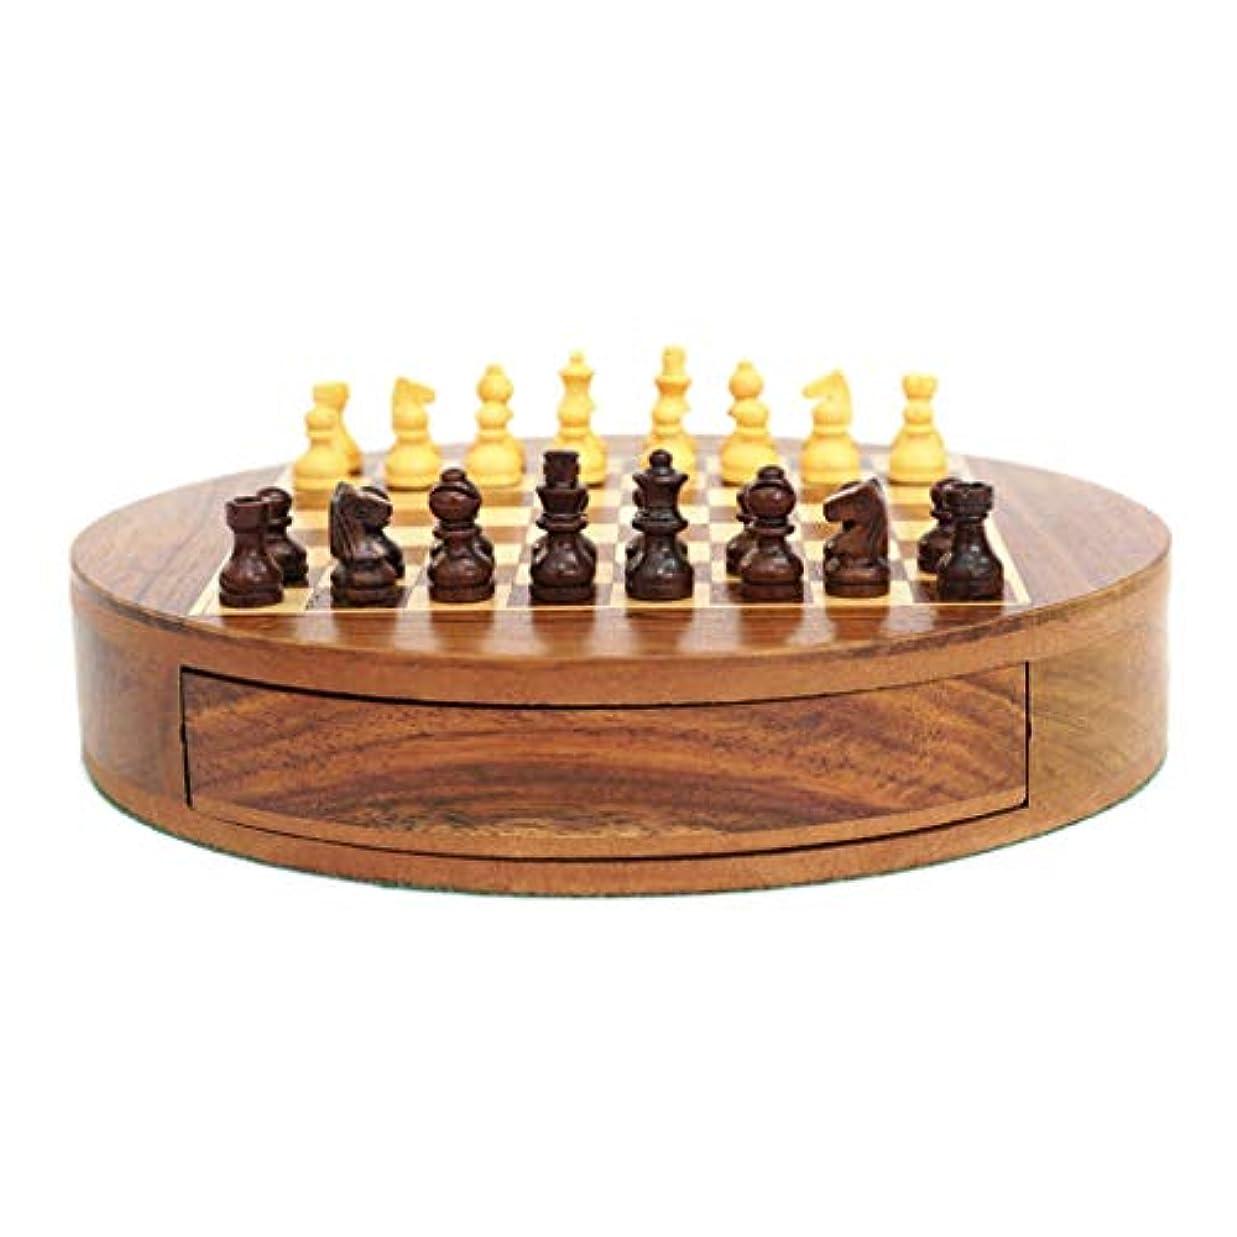 スピーチギャラントリー落花生チェス クリエイティブ木製ラウンドチェスセット磁気チェスピースキッズ知育開発玩具引き出し収納チェッカーチェス チェス (Color : Wood, サイズ : 22.7*22.7*4cm)